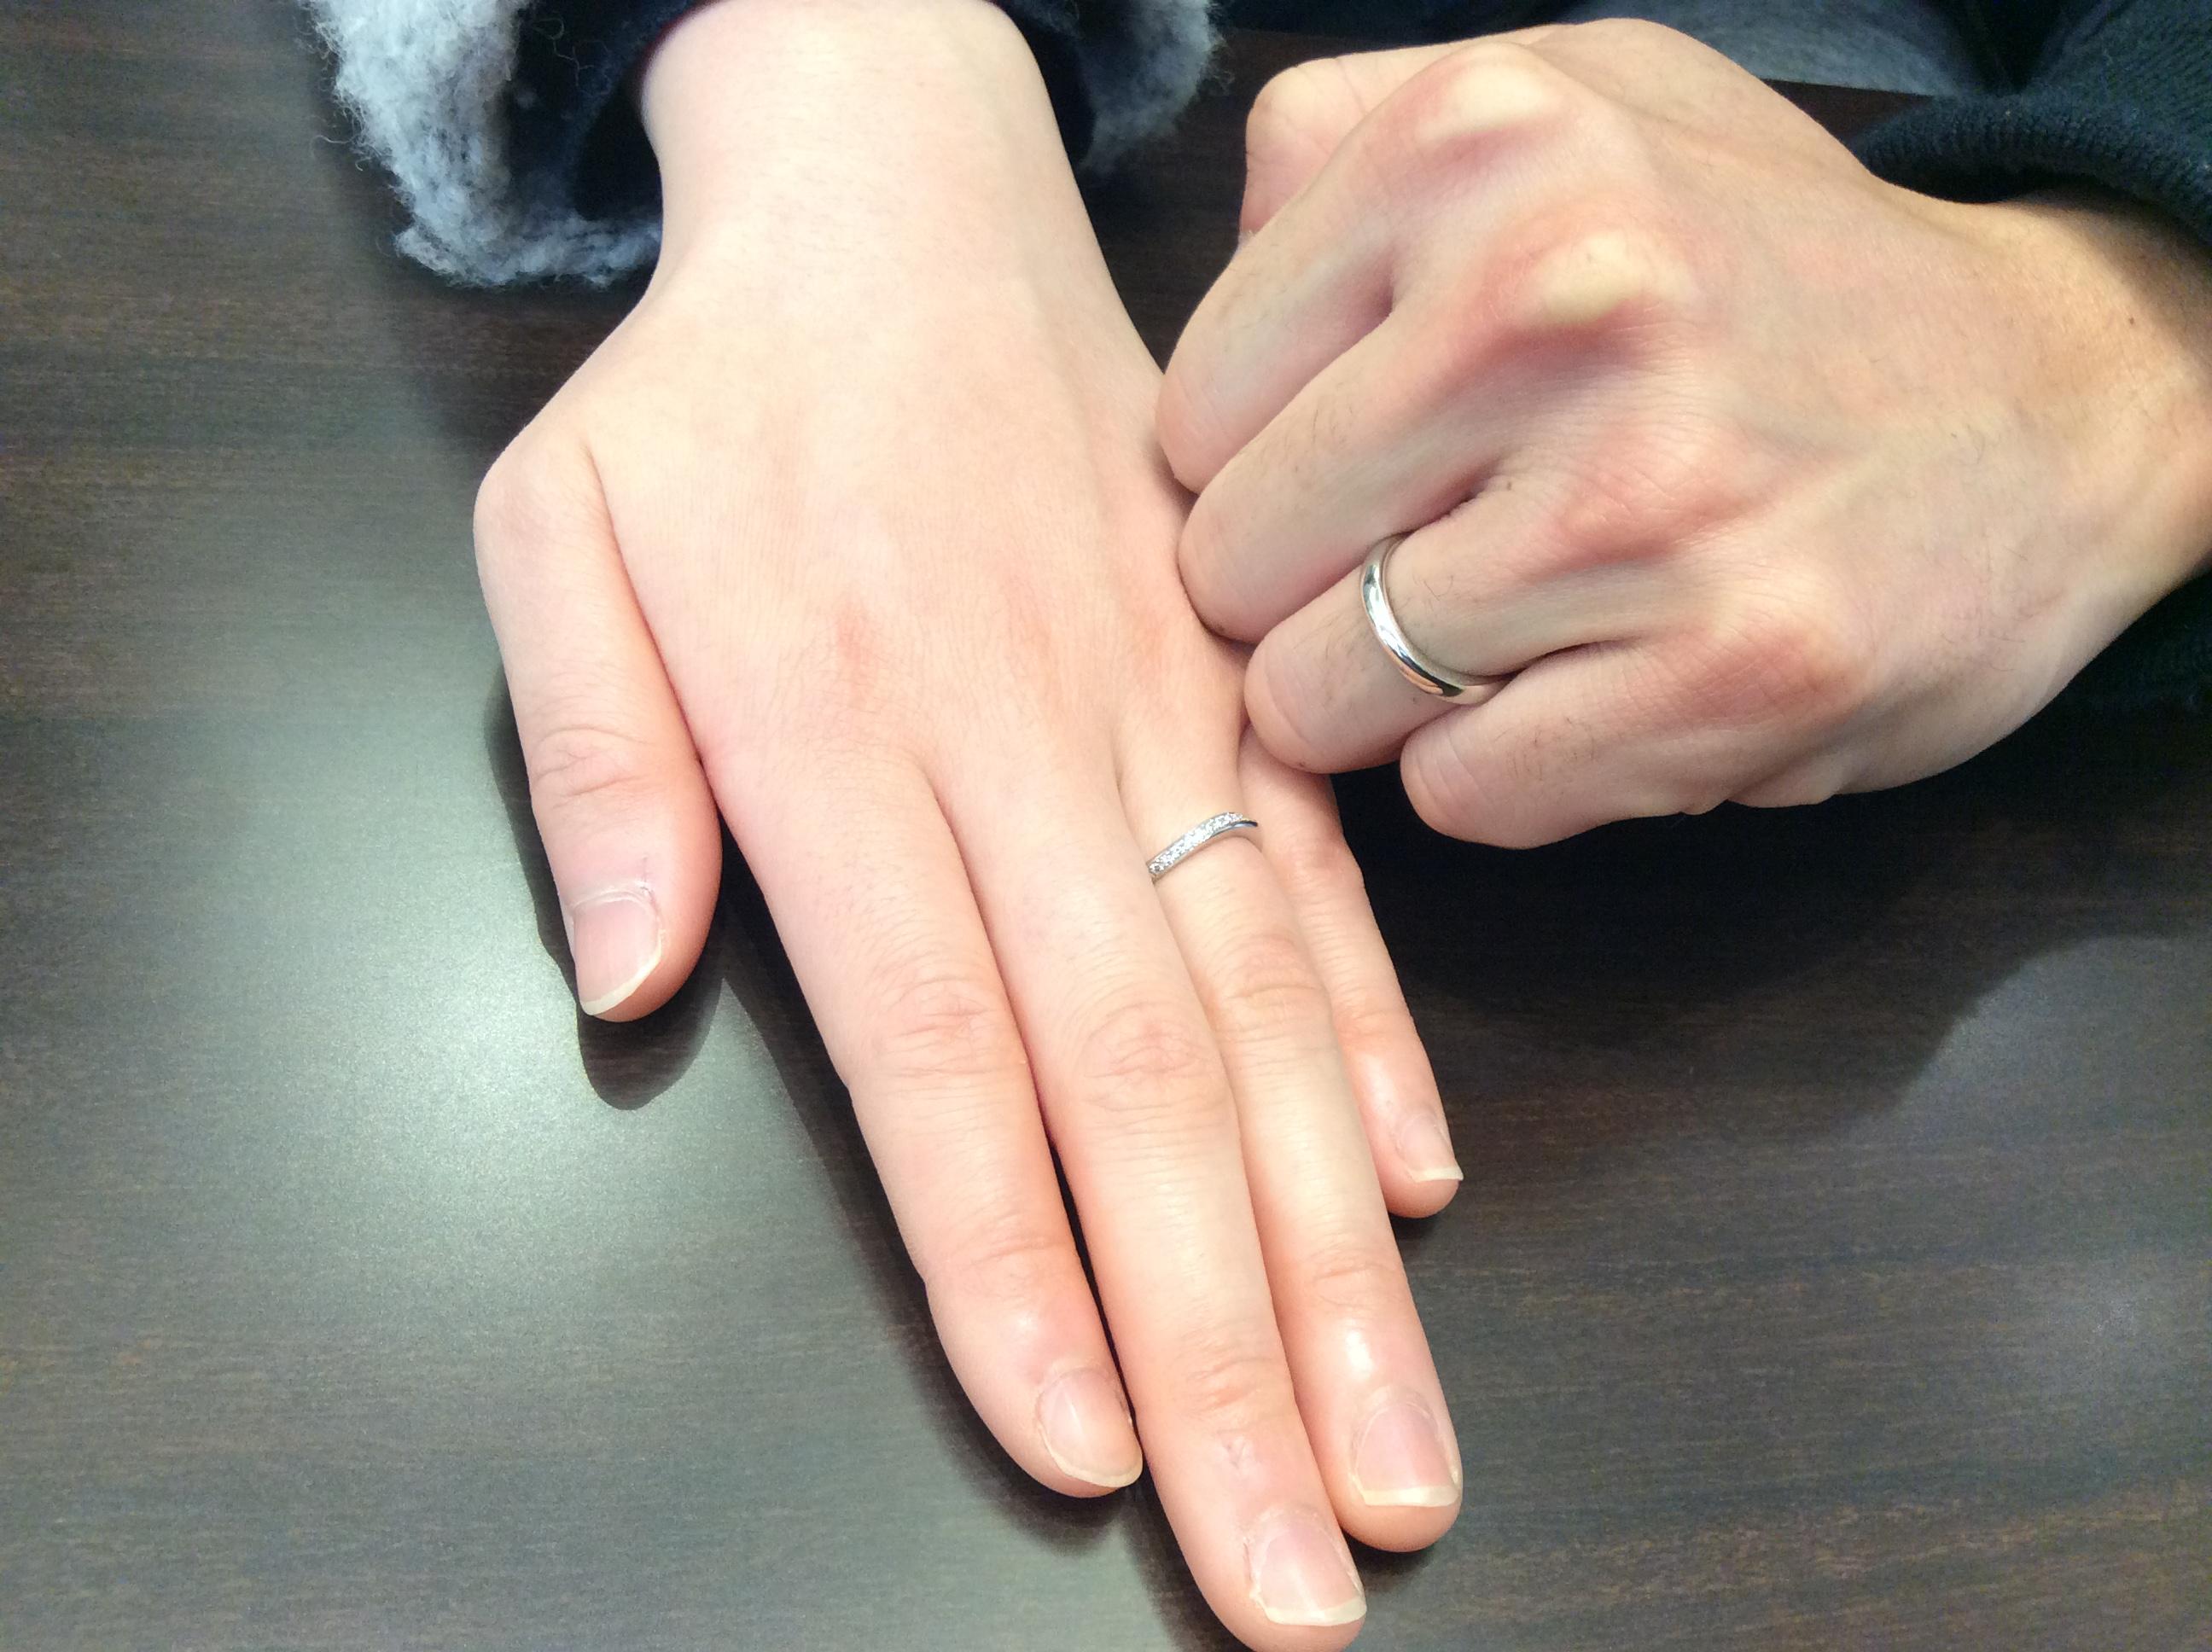 結婚指輪 お好みの幅でLUCIE(ルシエ)のセレナーデをお作り(新潟市/N様ご夫婦)